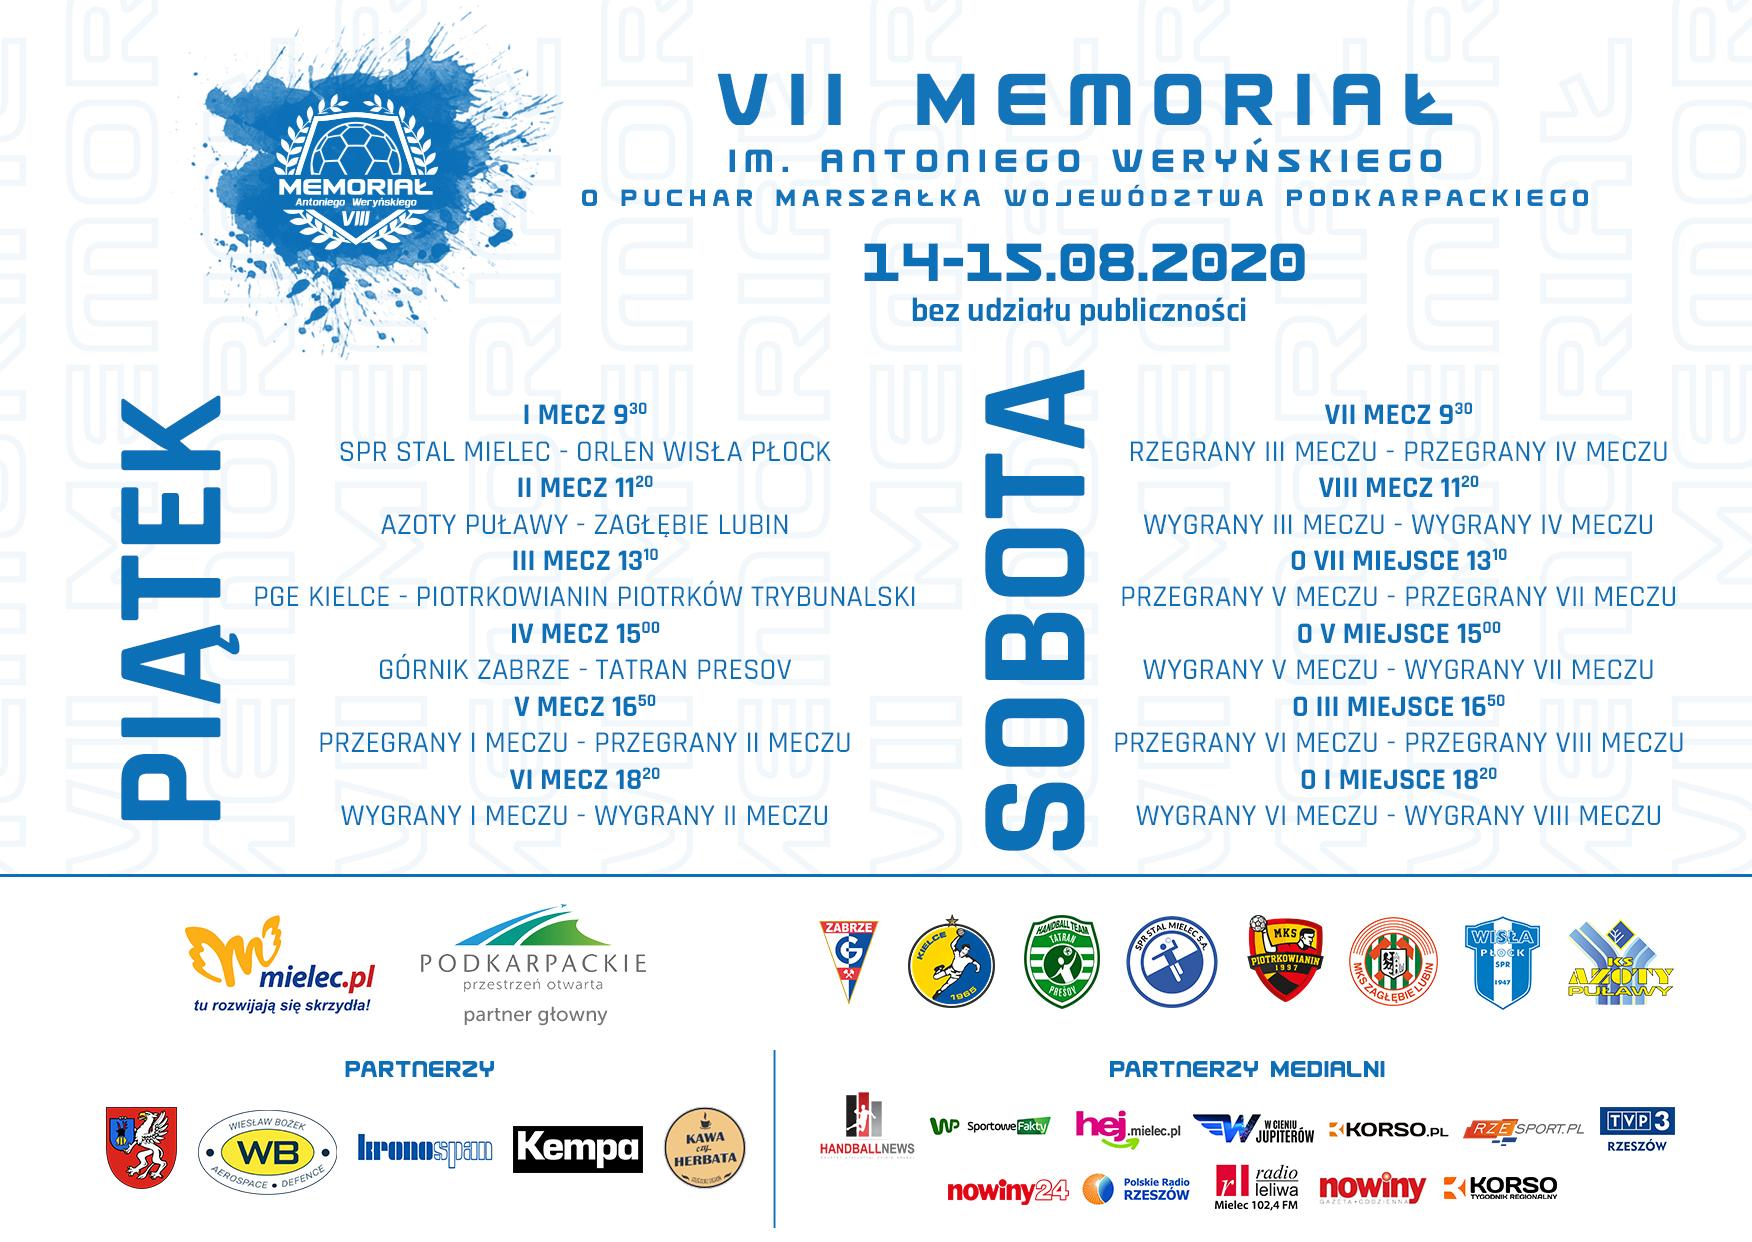 Mielec centrum polskiej piłki ręcznej. Piątek i sobota pod znakiem Memoriału im. Antoniego Weryńskiego  - Zdjęcie główne